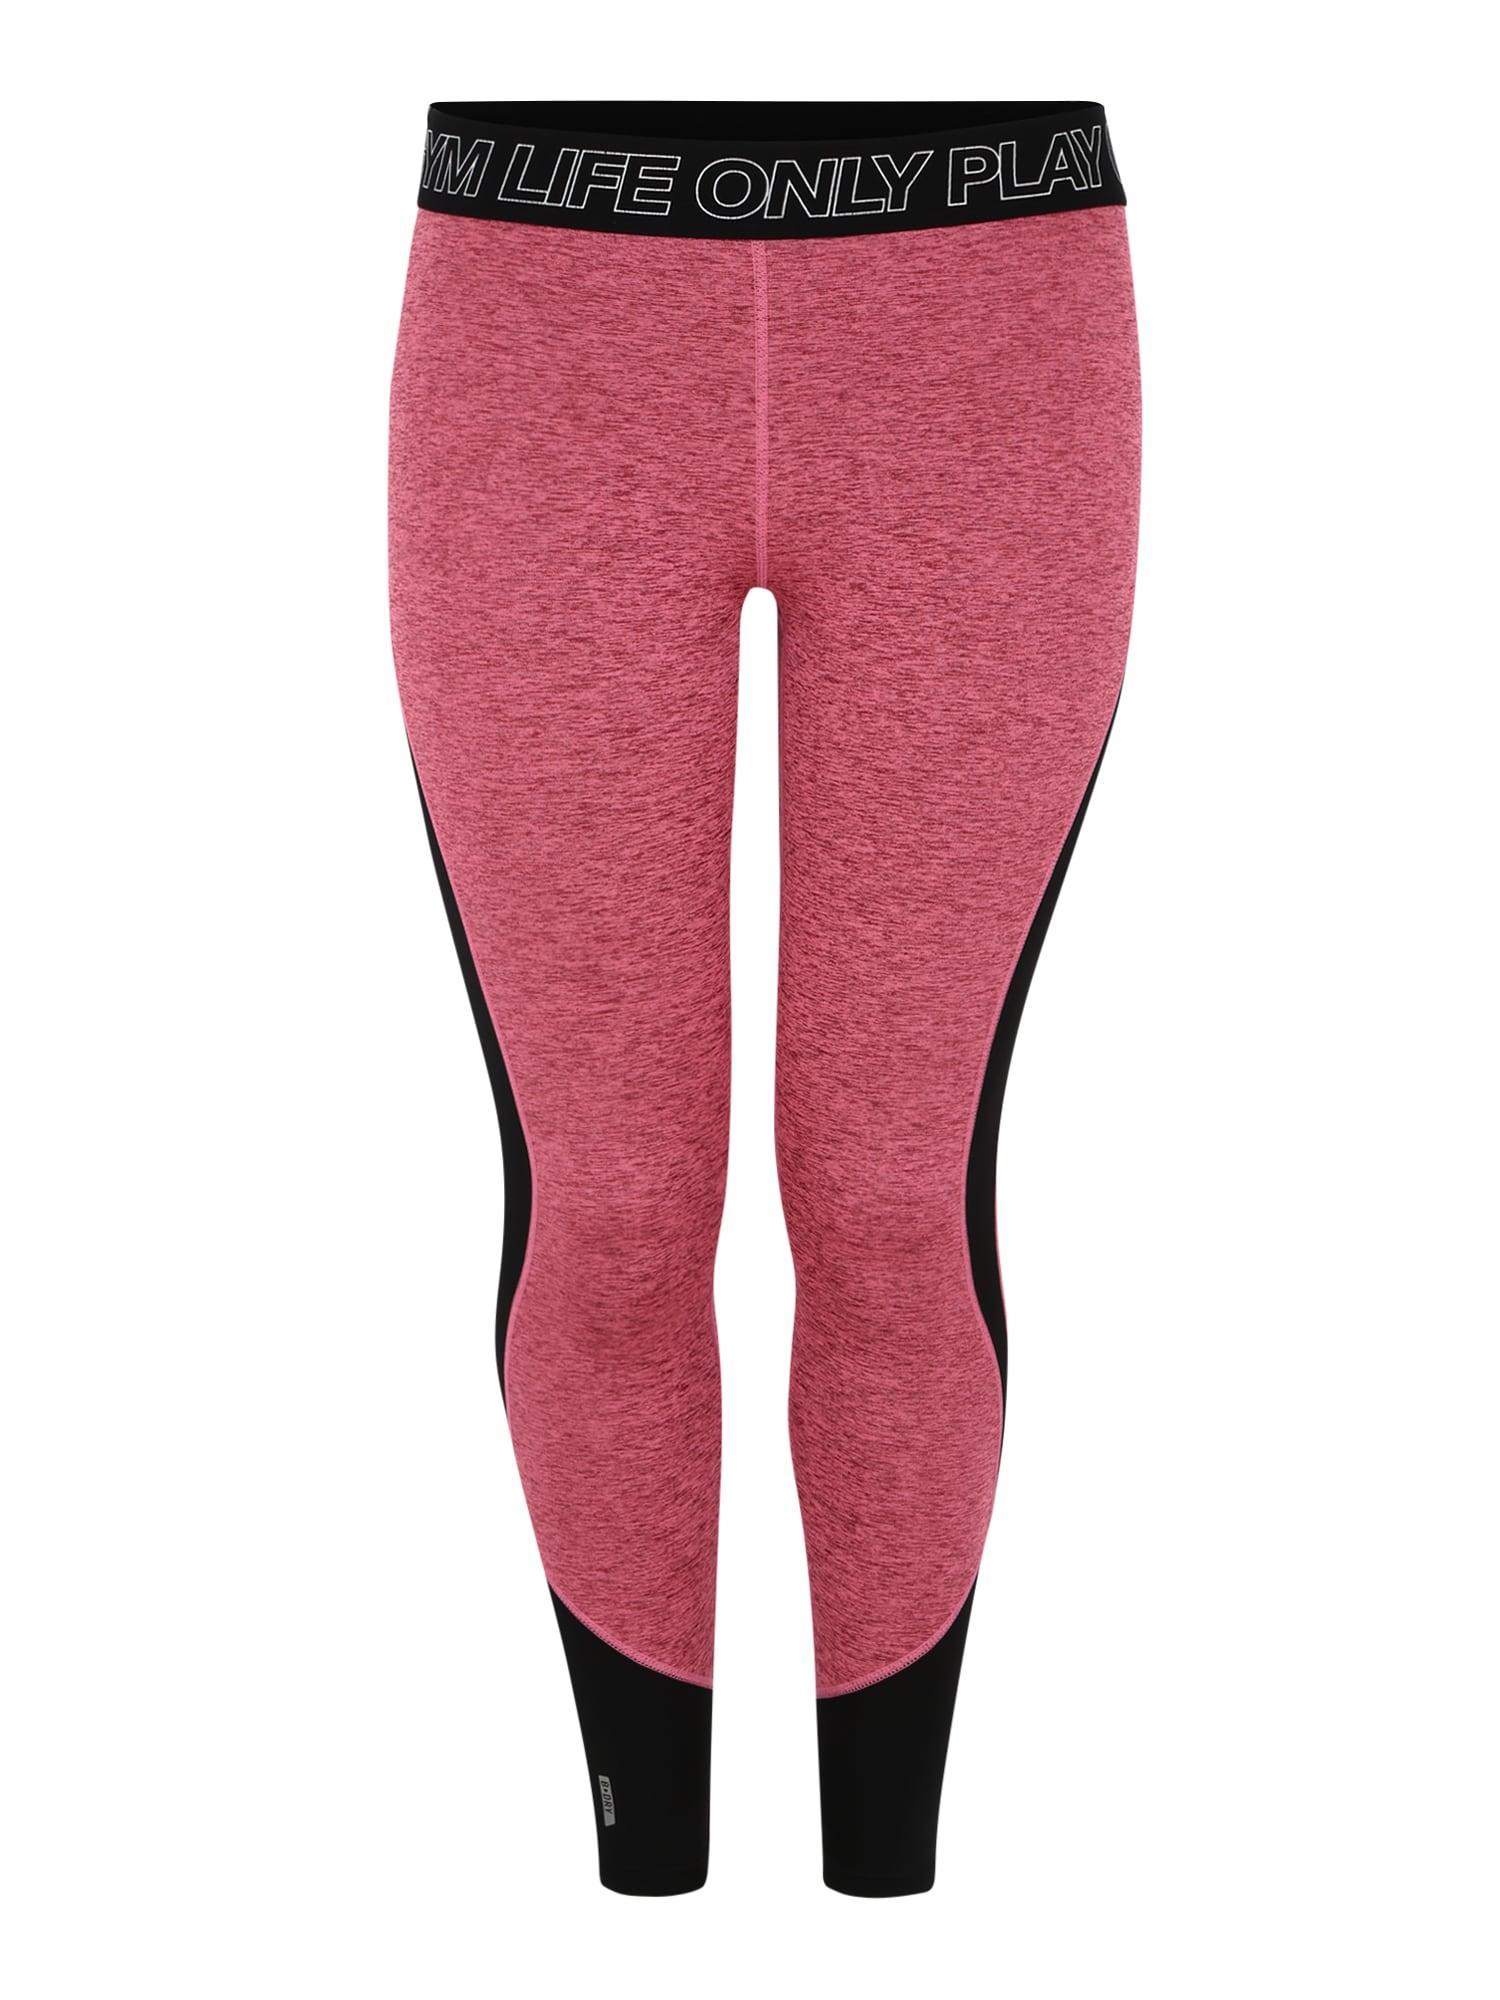 Sportovní kalhoty JACEY pink černá Only Play Curvy